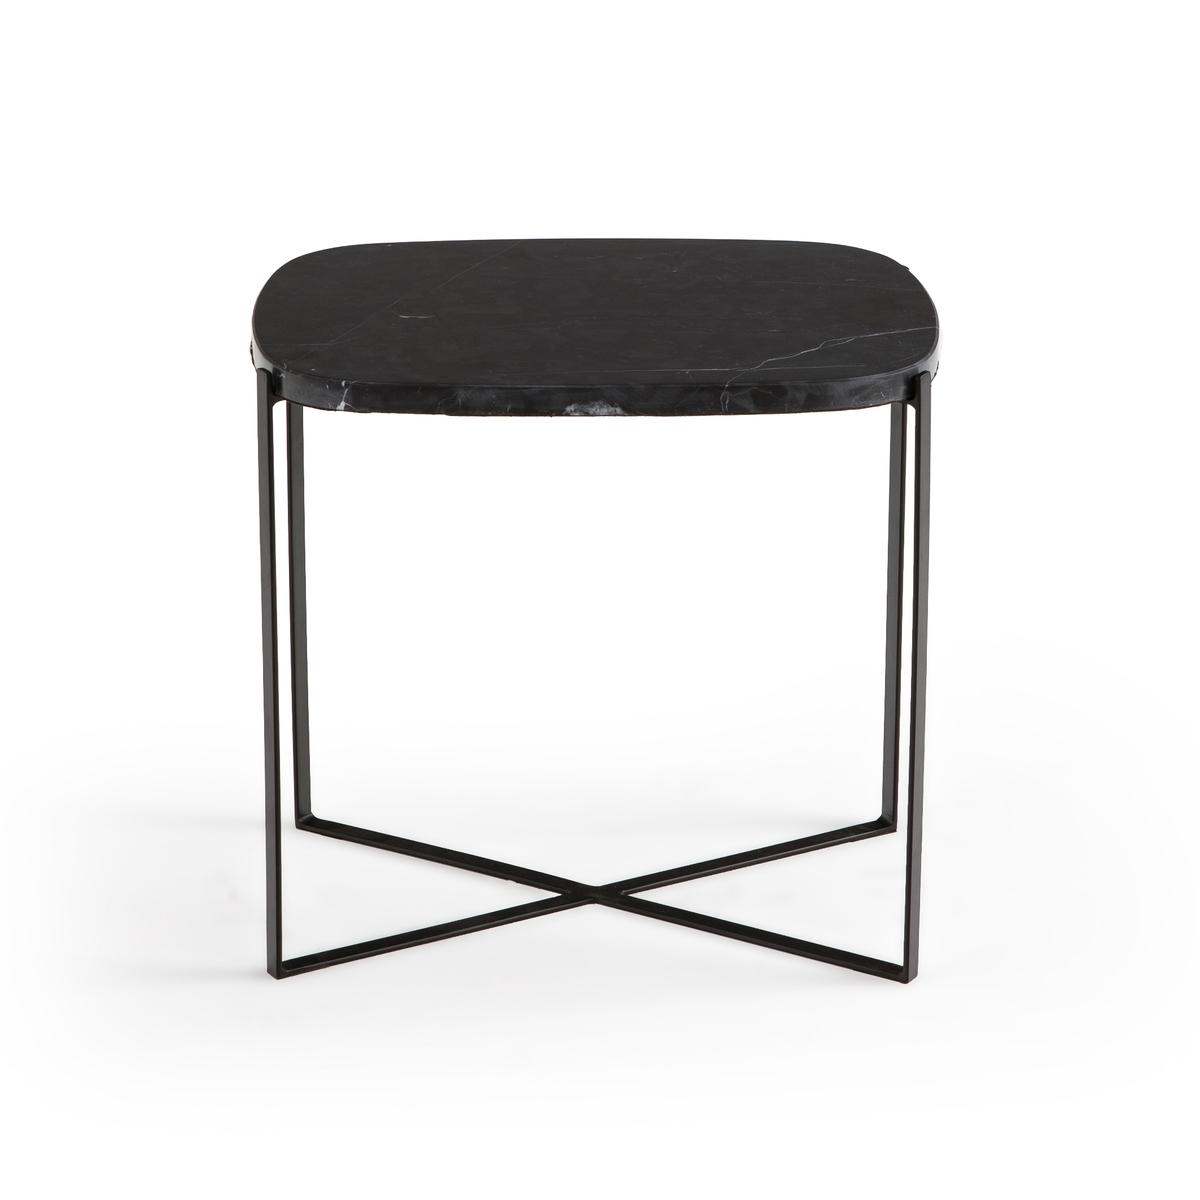 Столик LaRedoute Диванный органической формы из мрамора Arambol единый размер черный